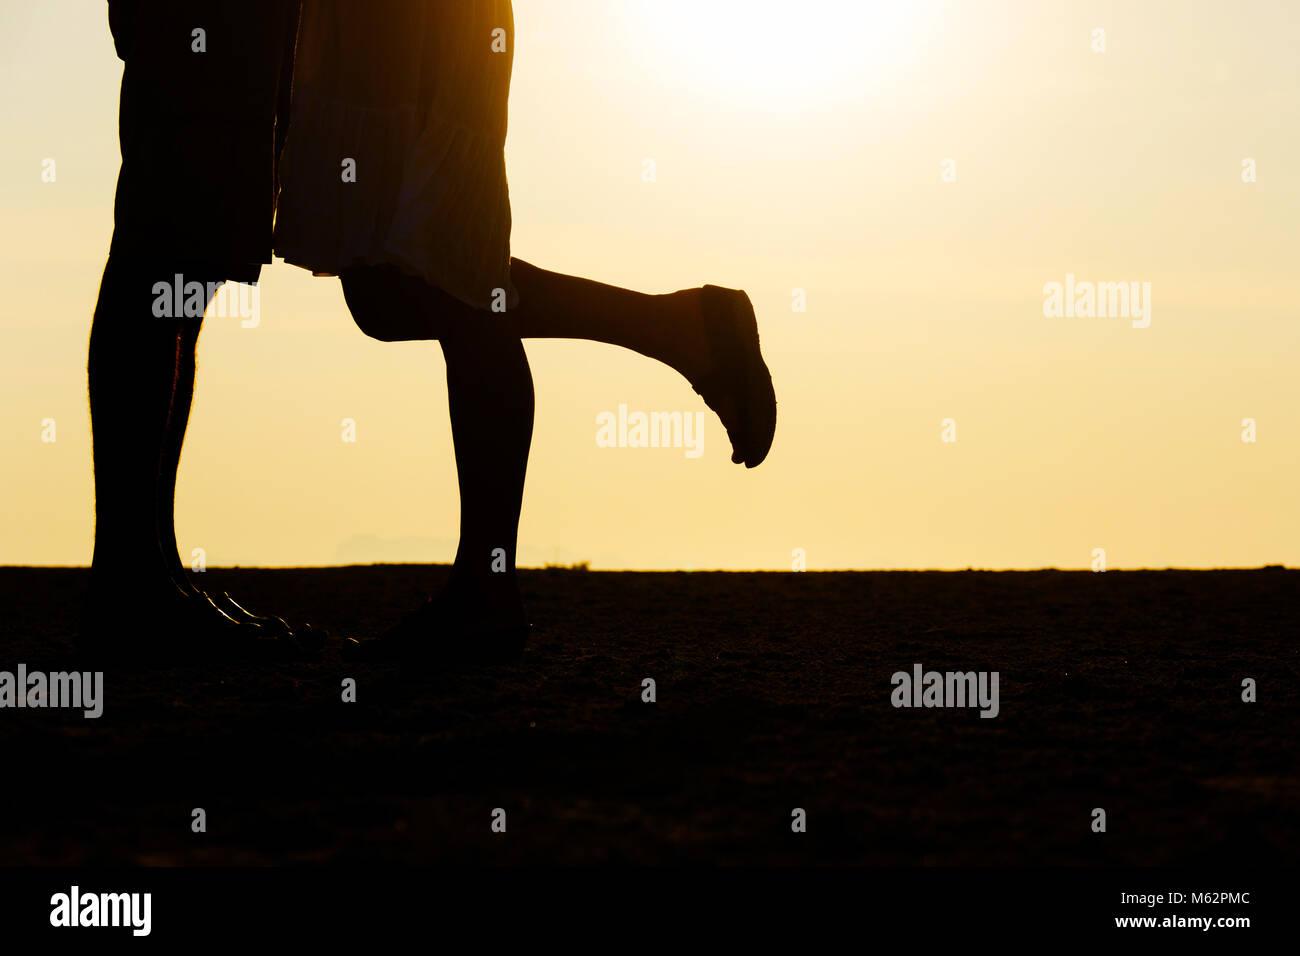 Silhouette di giovane kissing al tramonto sul mare con una delle sue gambe sollevata. Classico film romantico momento Immagini Stock